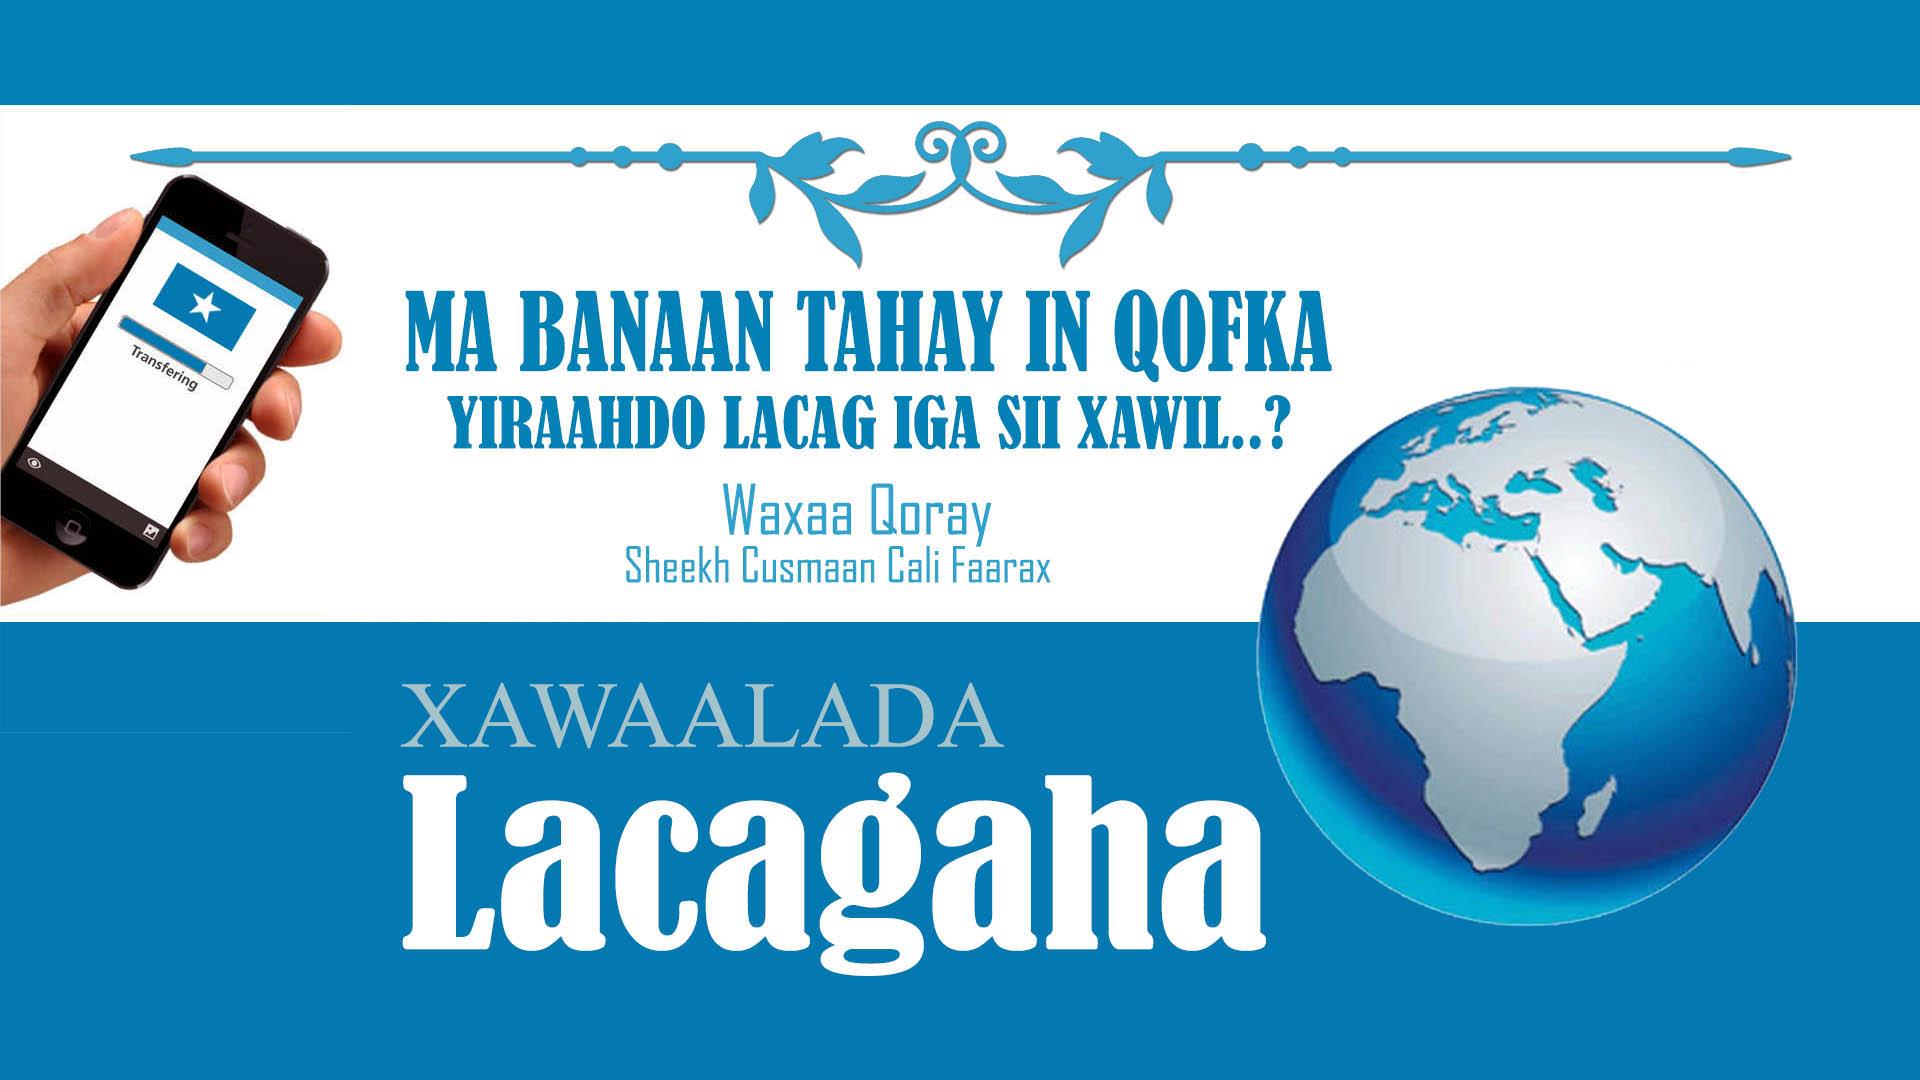 Ma Banaan Tahay In Qofka  Yiraahdo Lacag Iga Sii Xawil?